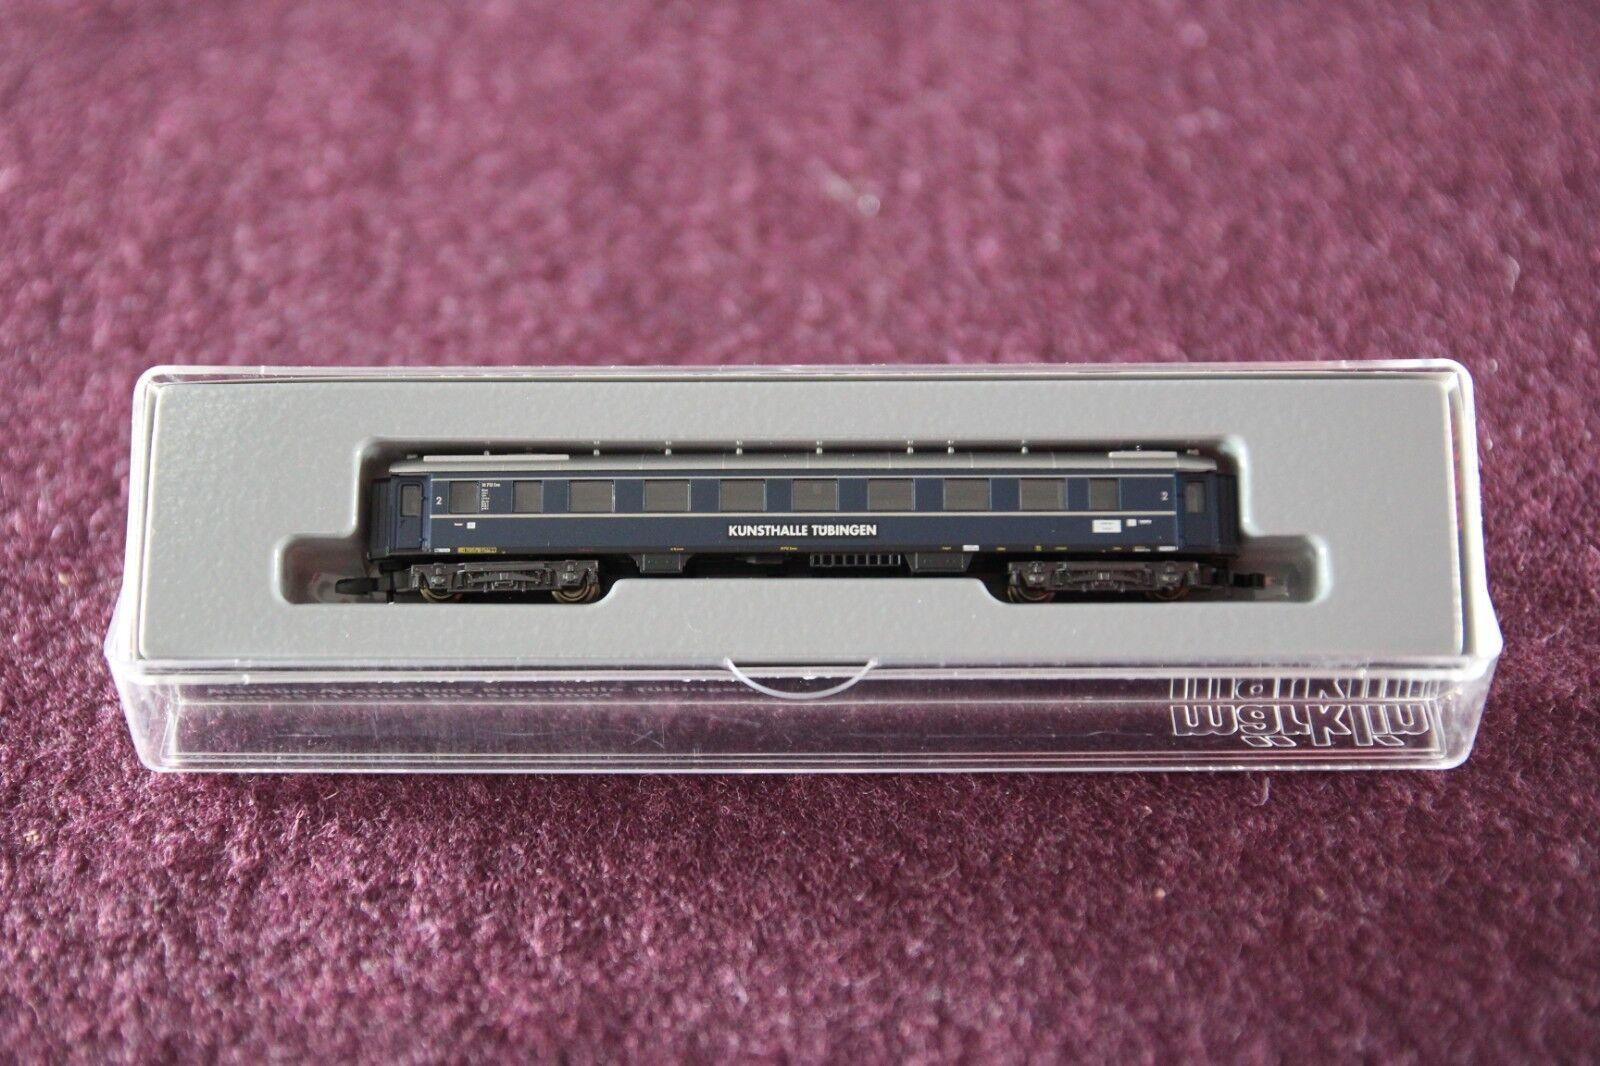 Märklin Spur Z 87399 Personenwagen Kunsthalle Tübingen DB 2. Kl. in OVP